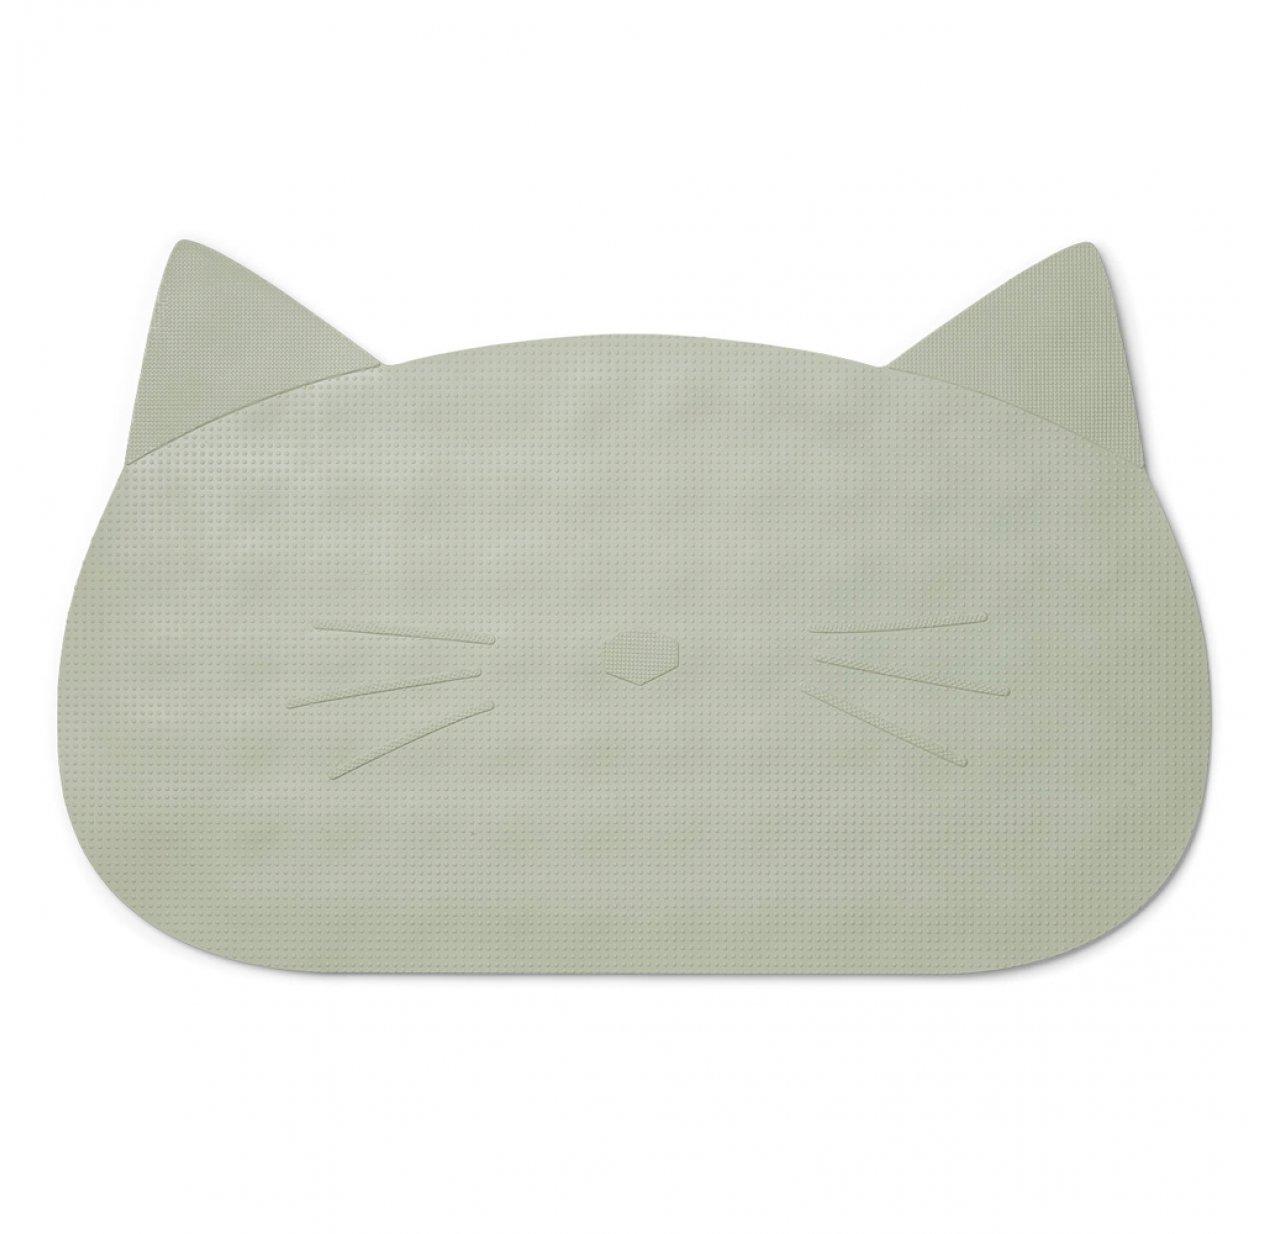 tapis de bain chat mint liewood pour chambre enfant les enfants du design. Black Bedroom Furniture Sets. Home Design Ideas